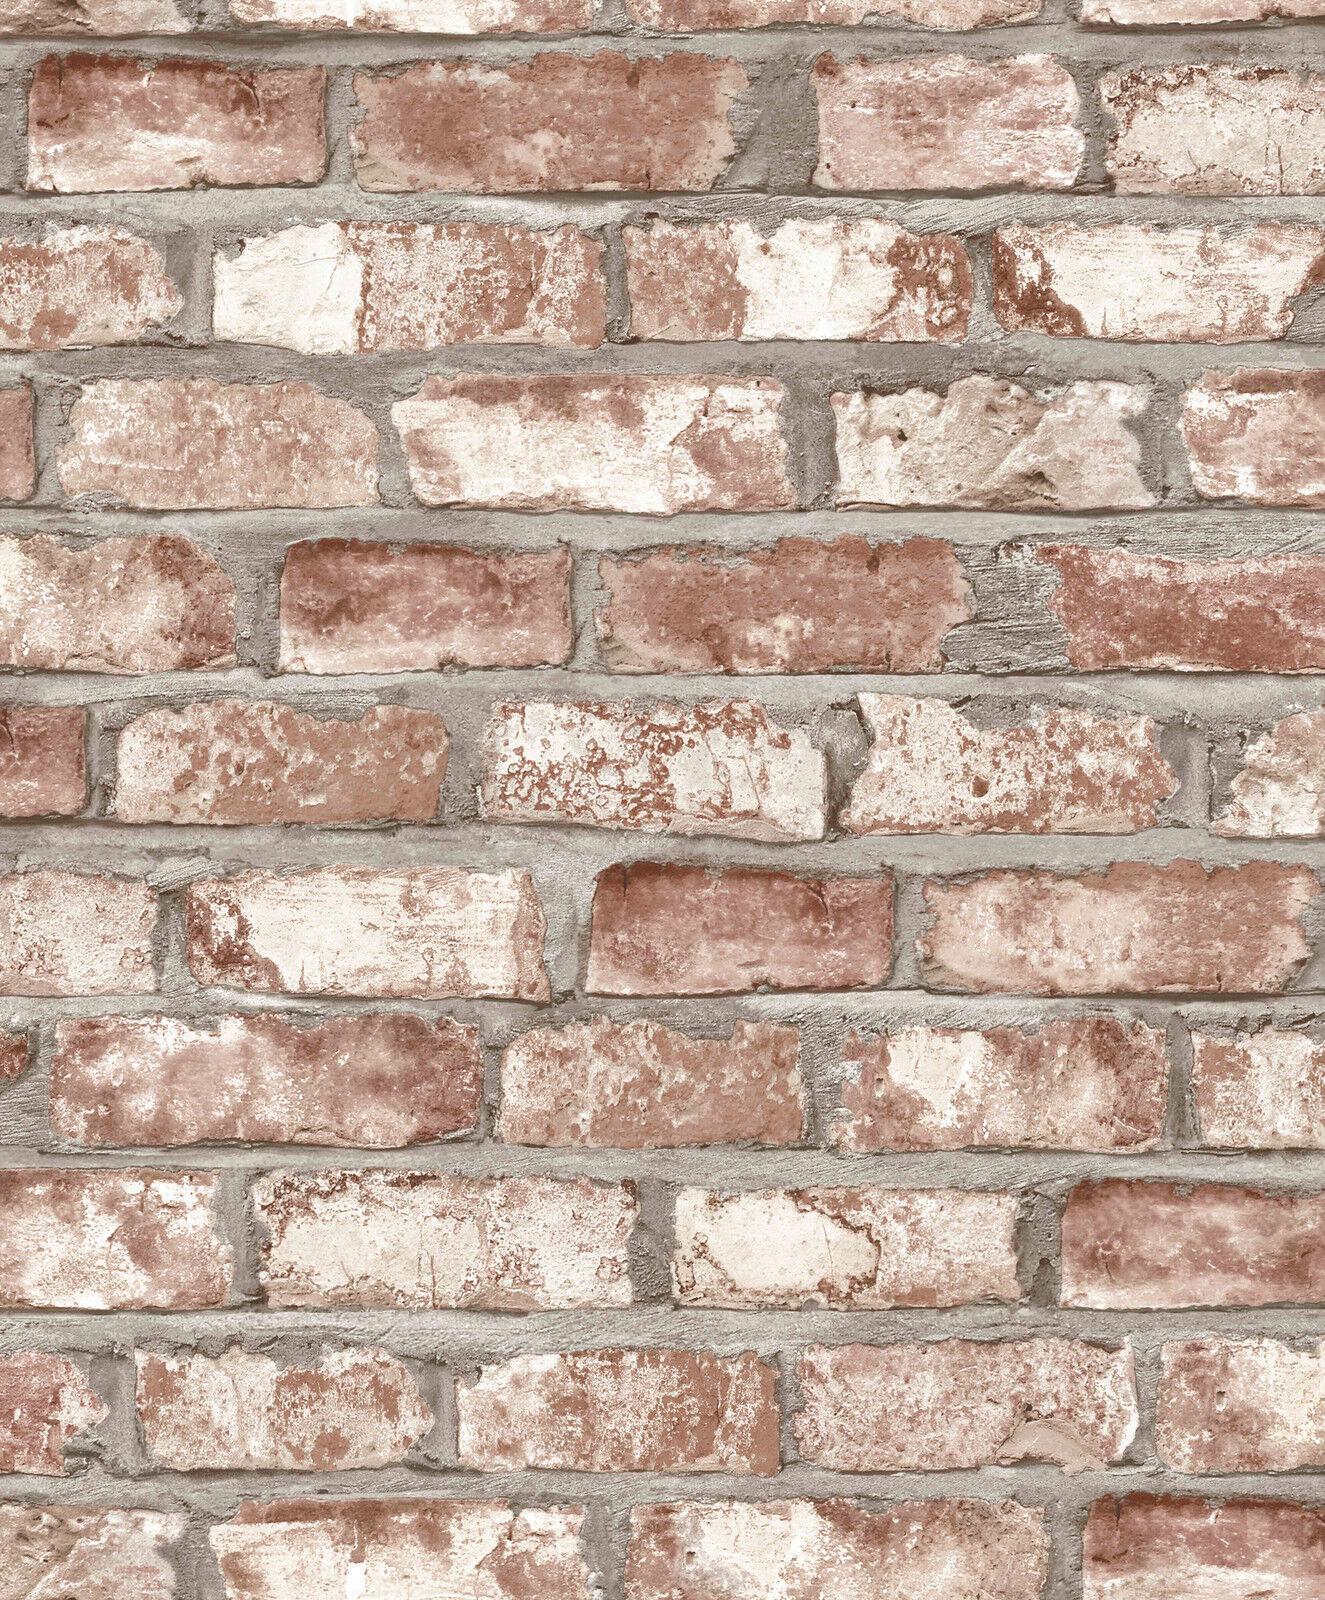 vlies tapete bruchstein stein mauer ziegelstein terra rost creme 3102 klinker ebay. Black Bedroom Furniture Sets. Home Design Ideas